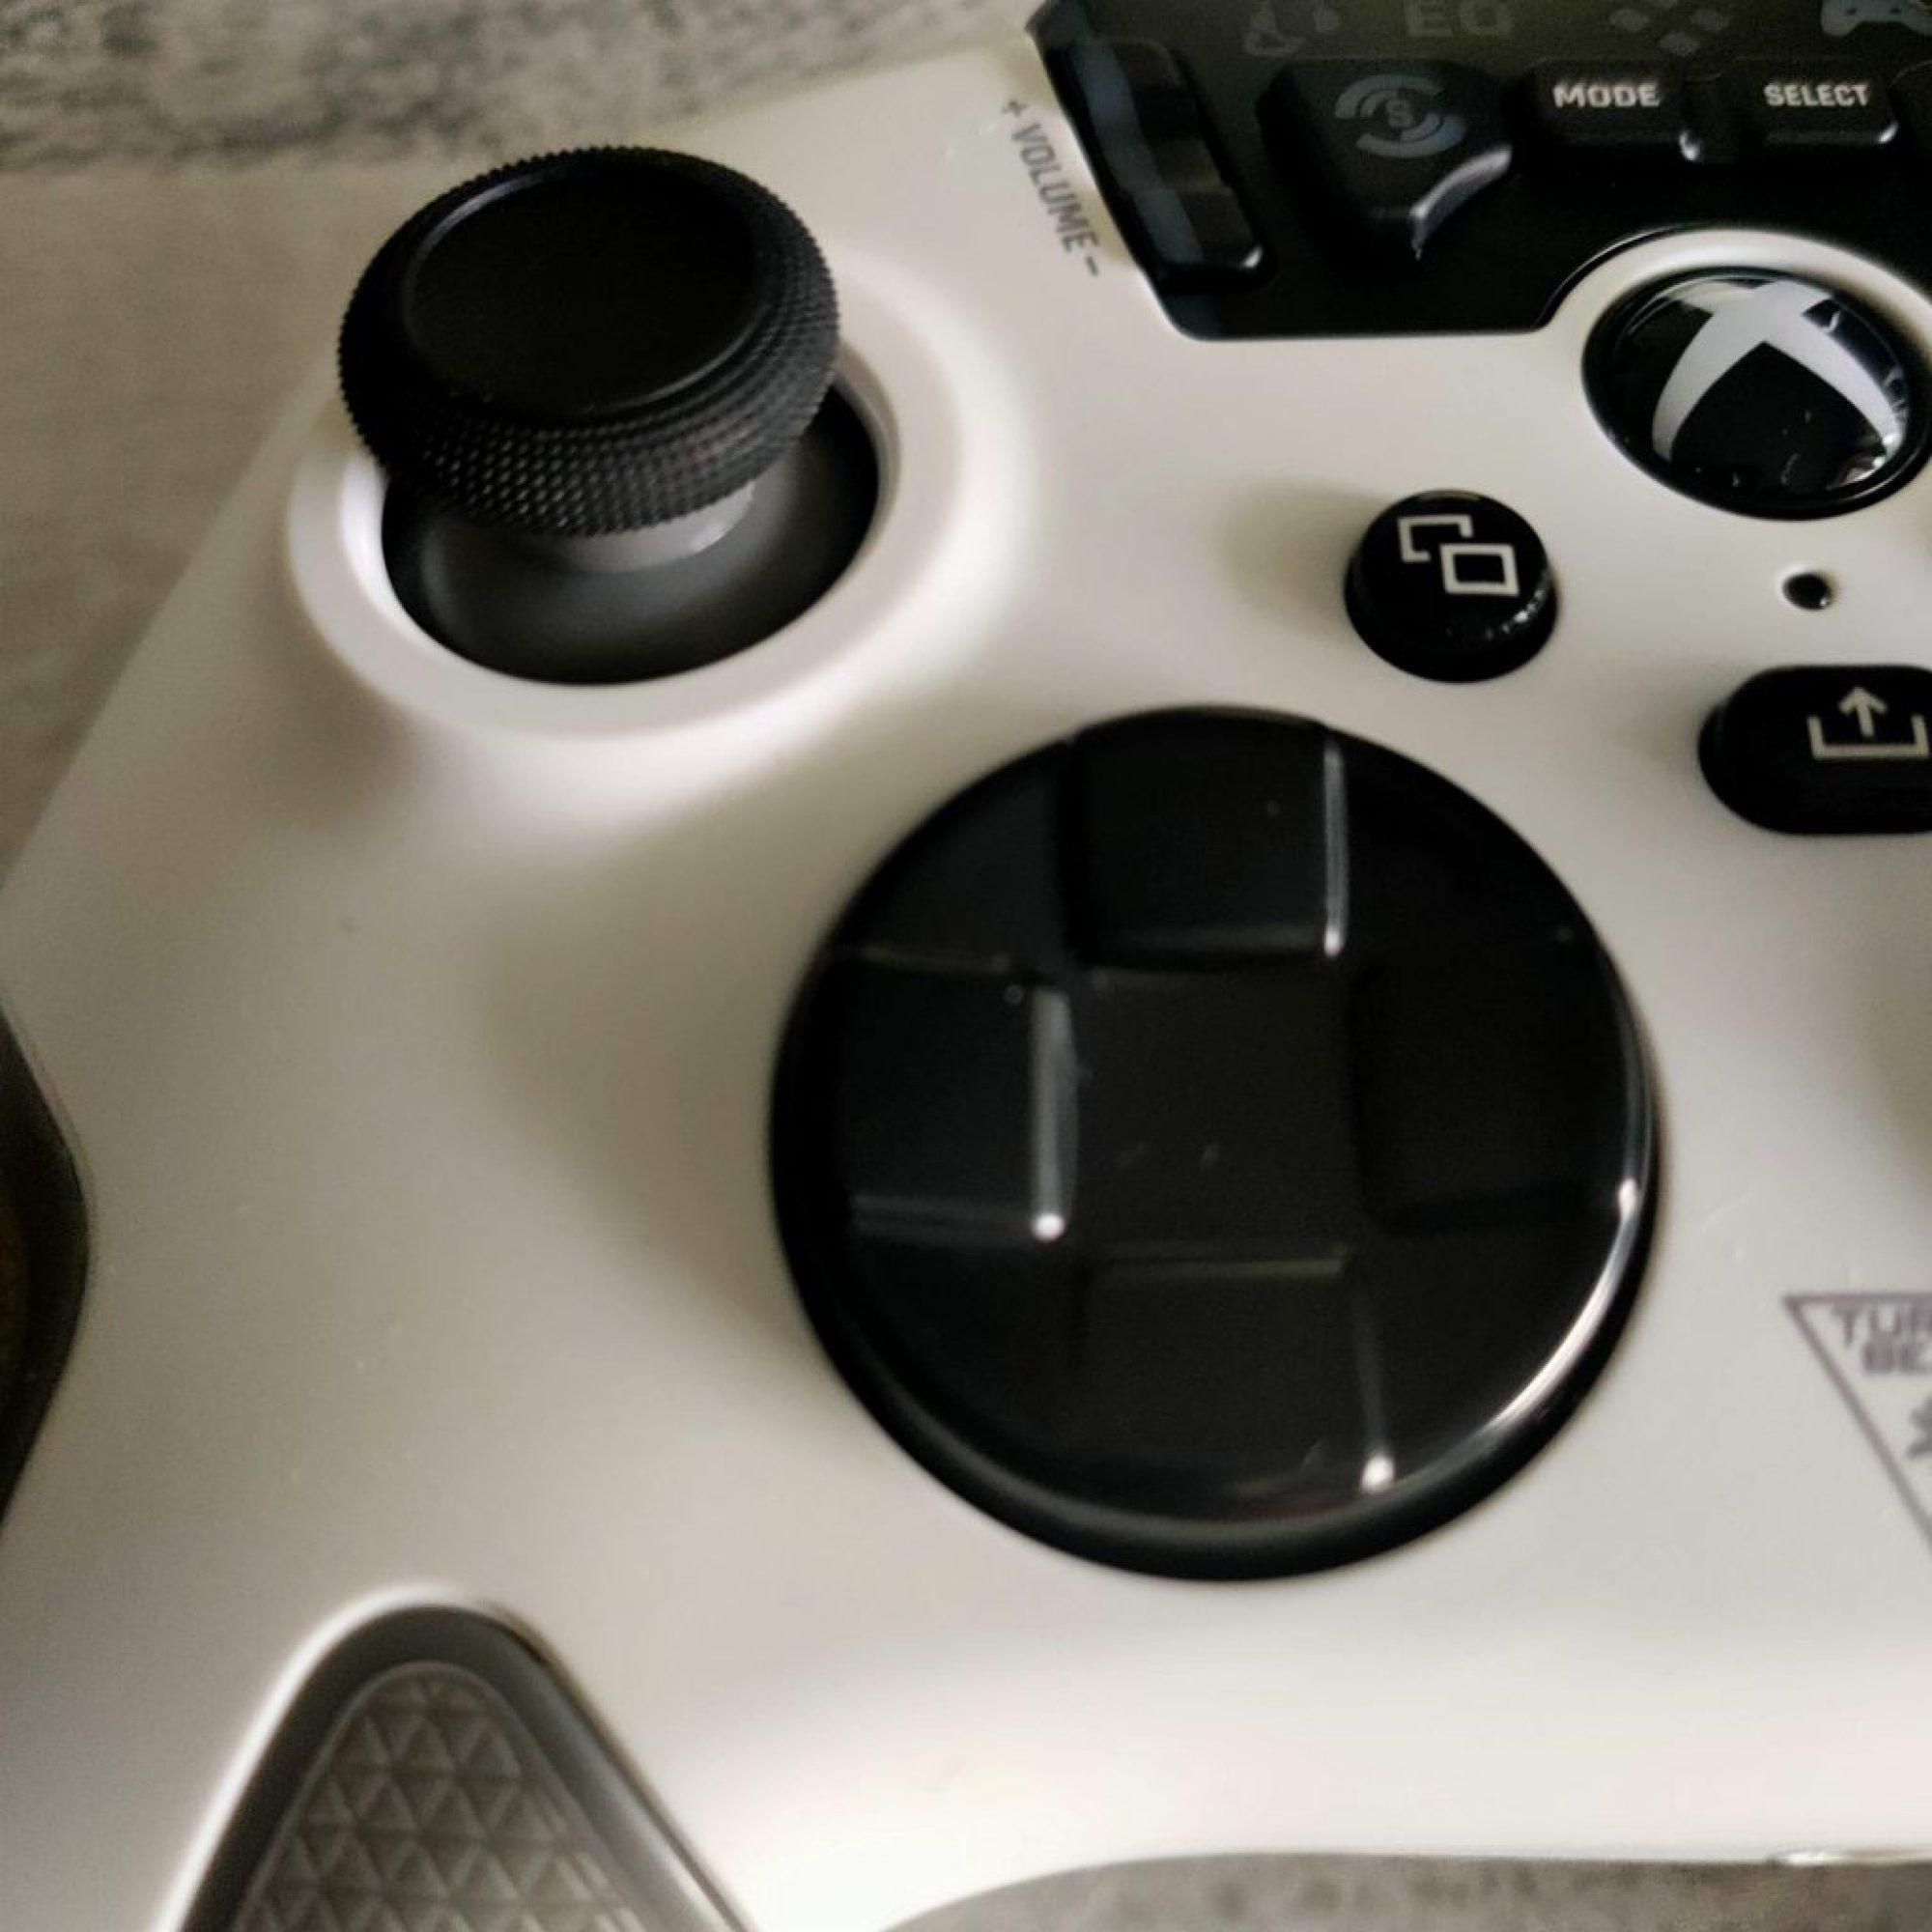 IMG20210902083830-1024x1024 Présentation de la manette Recon Controller de Turtle beach pour Xbox !